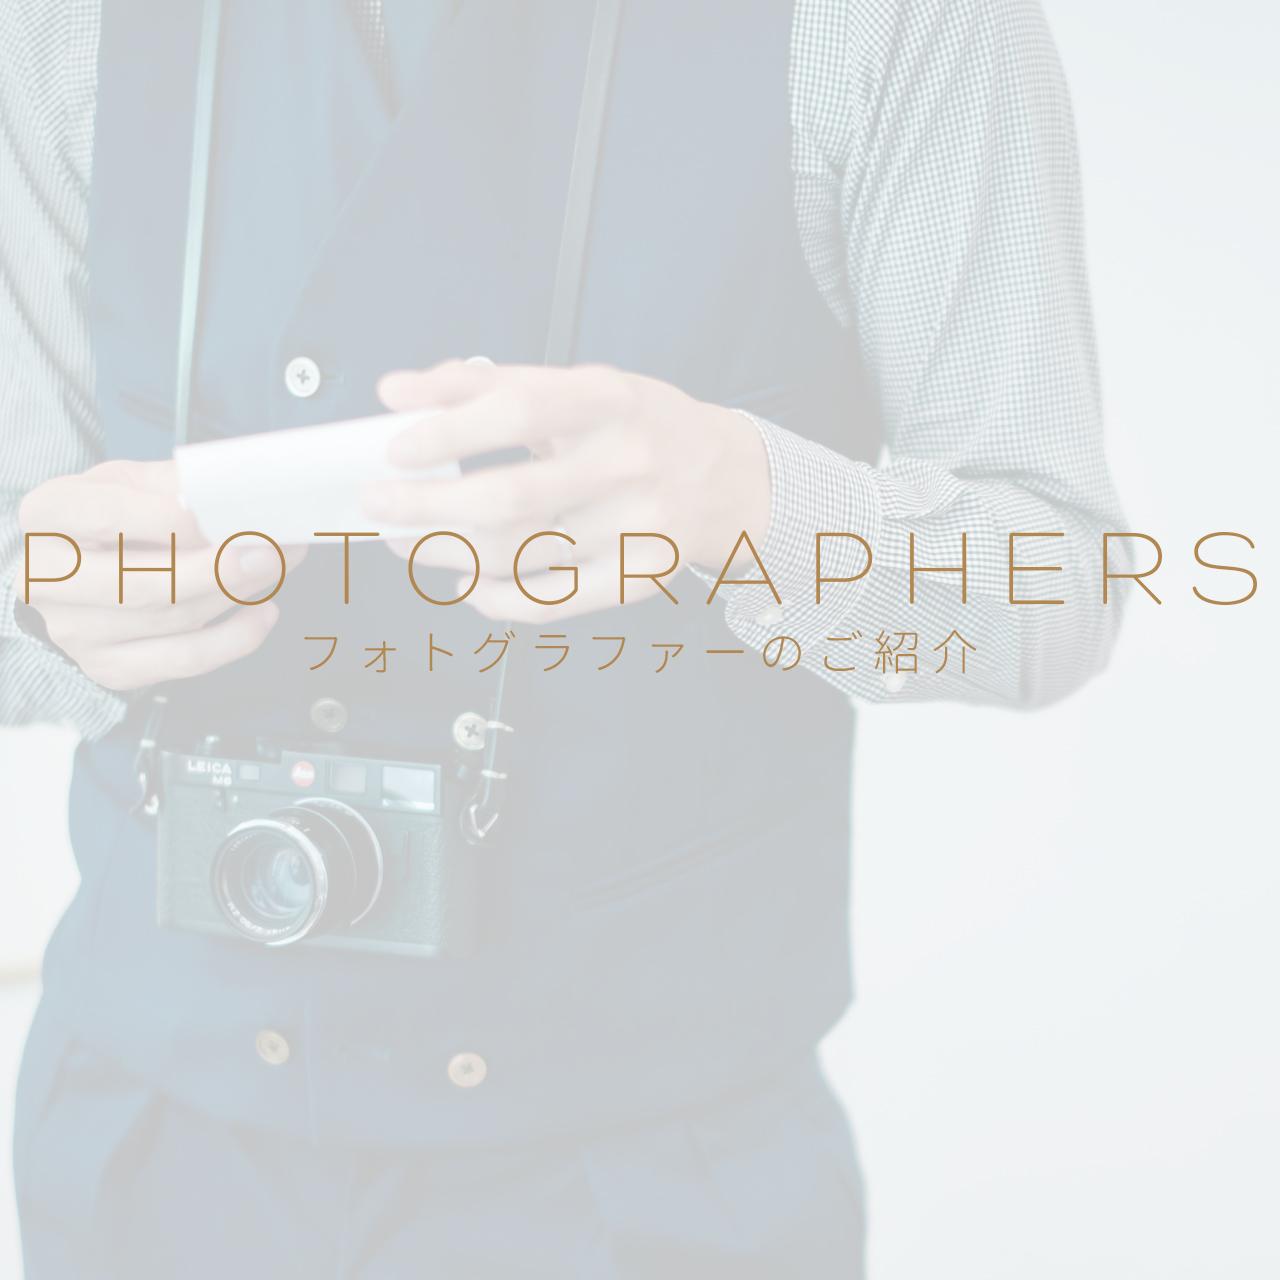 結婚式カメラマン ウェディングフォト 結婚写真 フォトグラファーのご紹介